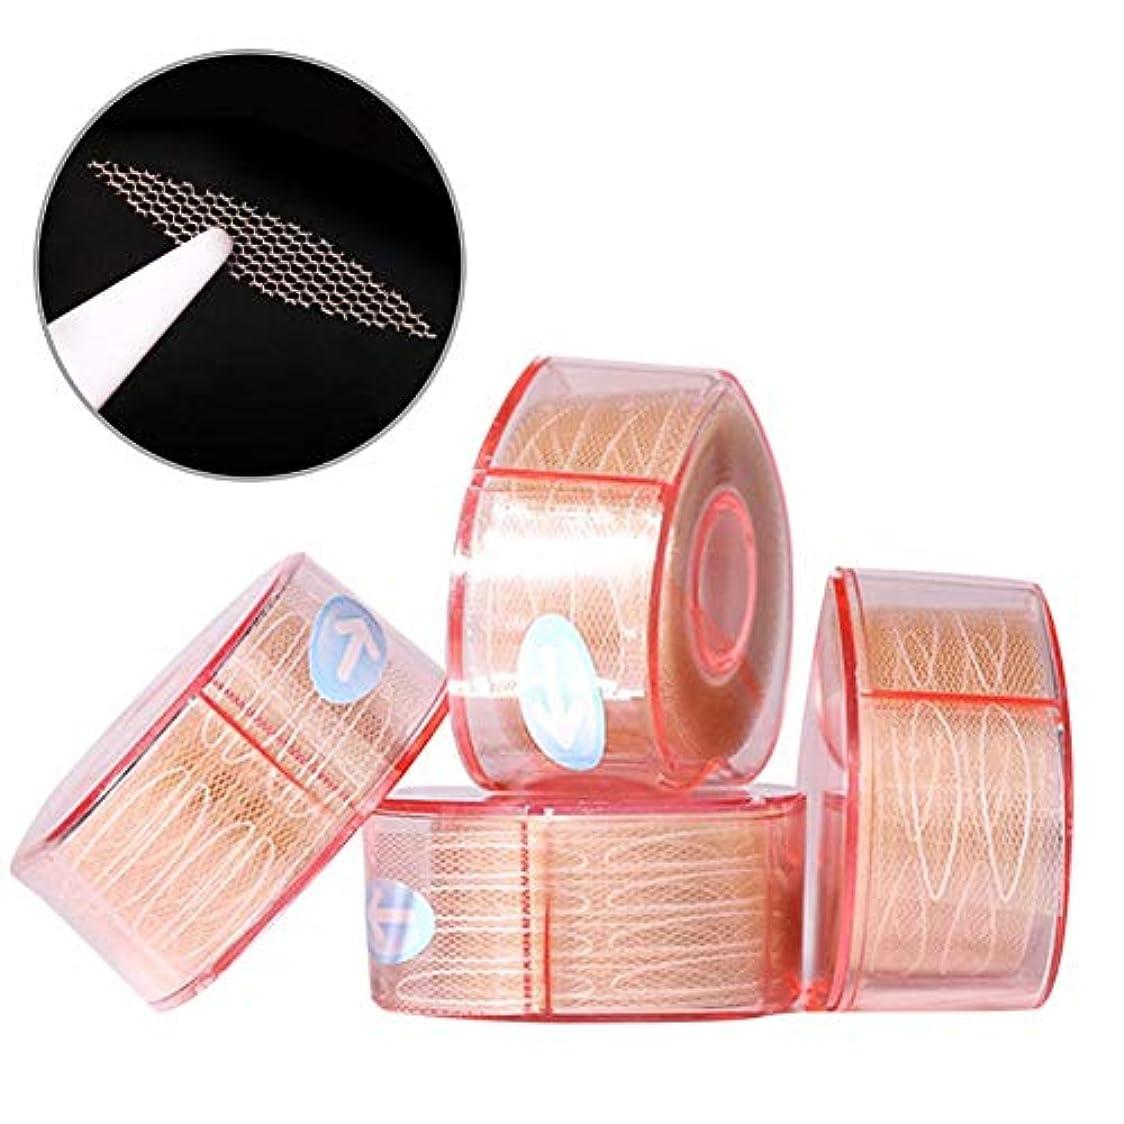 可聴可能上回るナチュラルアイテープ 二重まぶたステッカー 二重まぶたテープ 300組セット メッシュ 見えない バレない 通気性 アイメイク 4タイプ選べる junexi